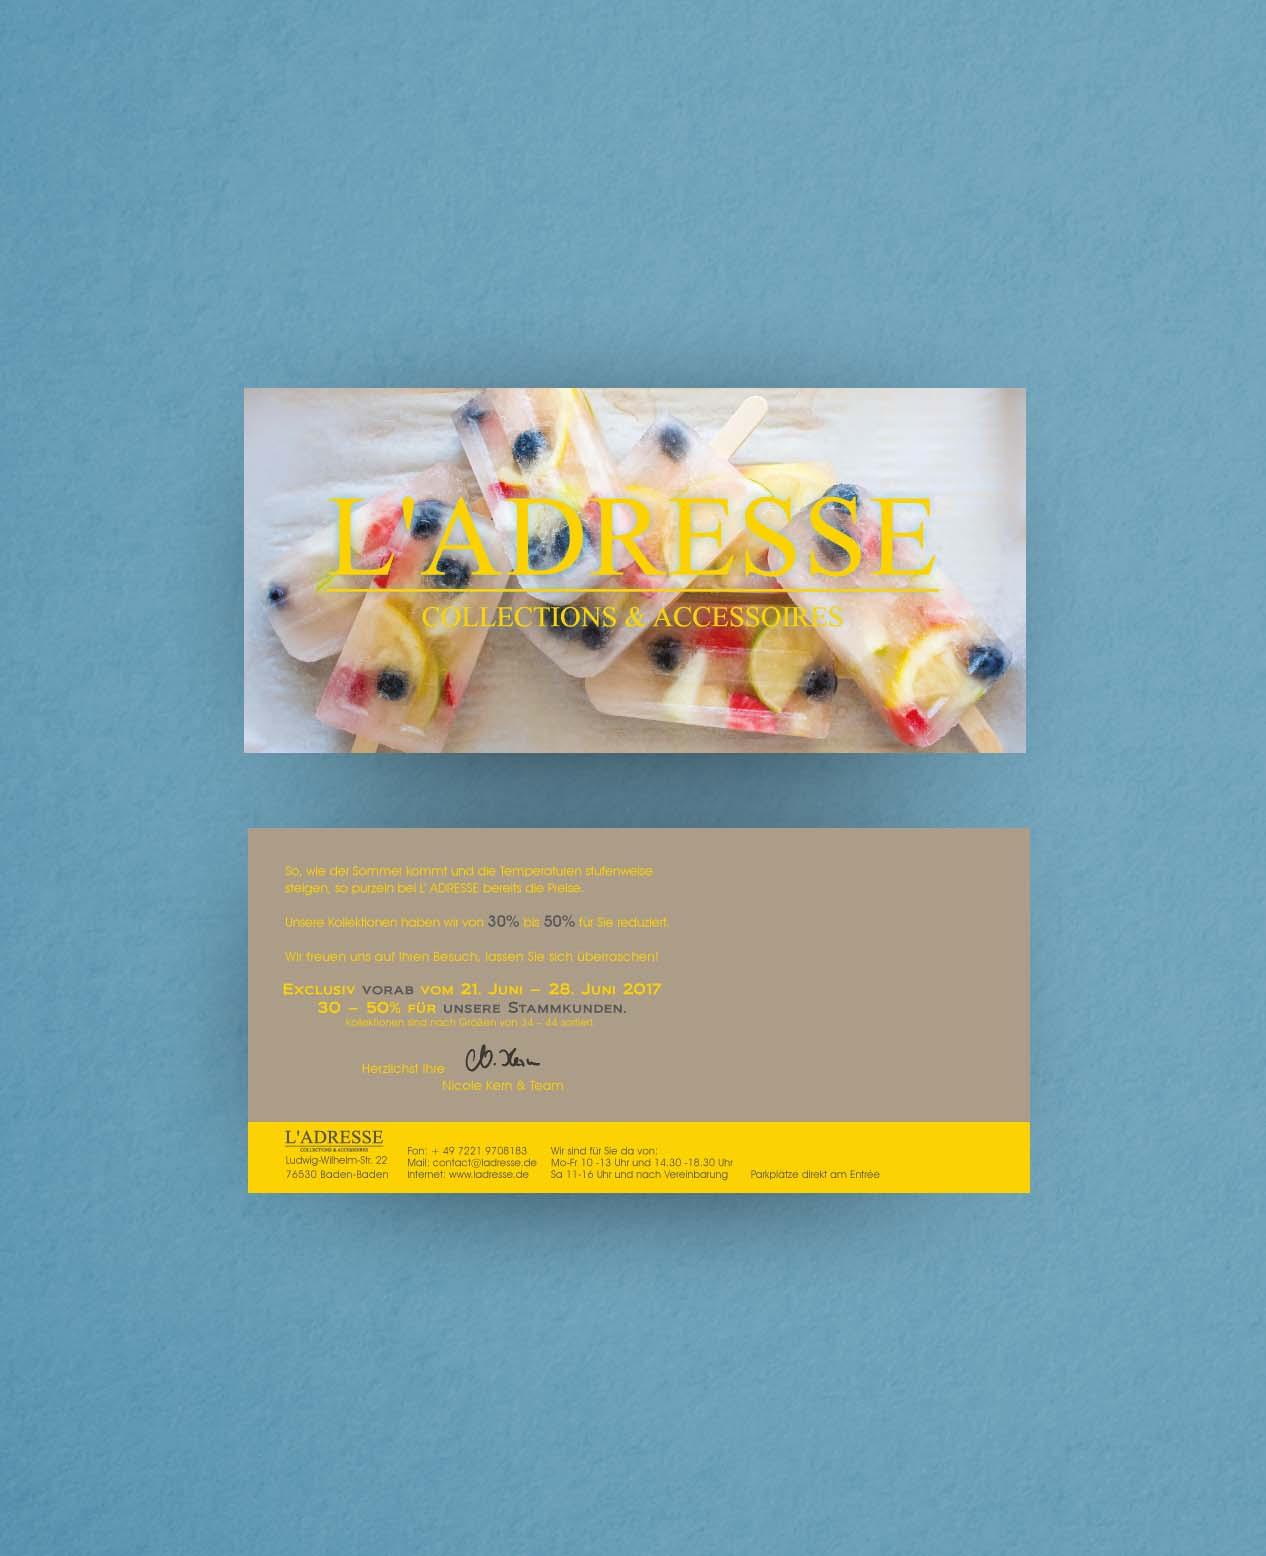 Referenzen | references: Einladung | invitation